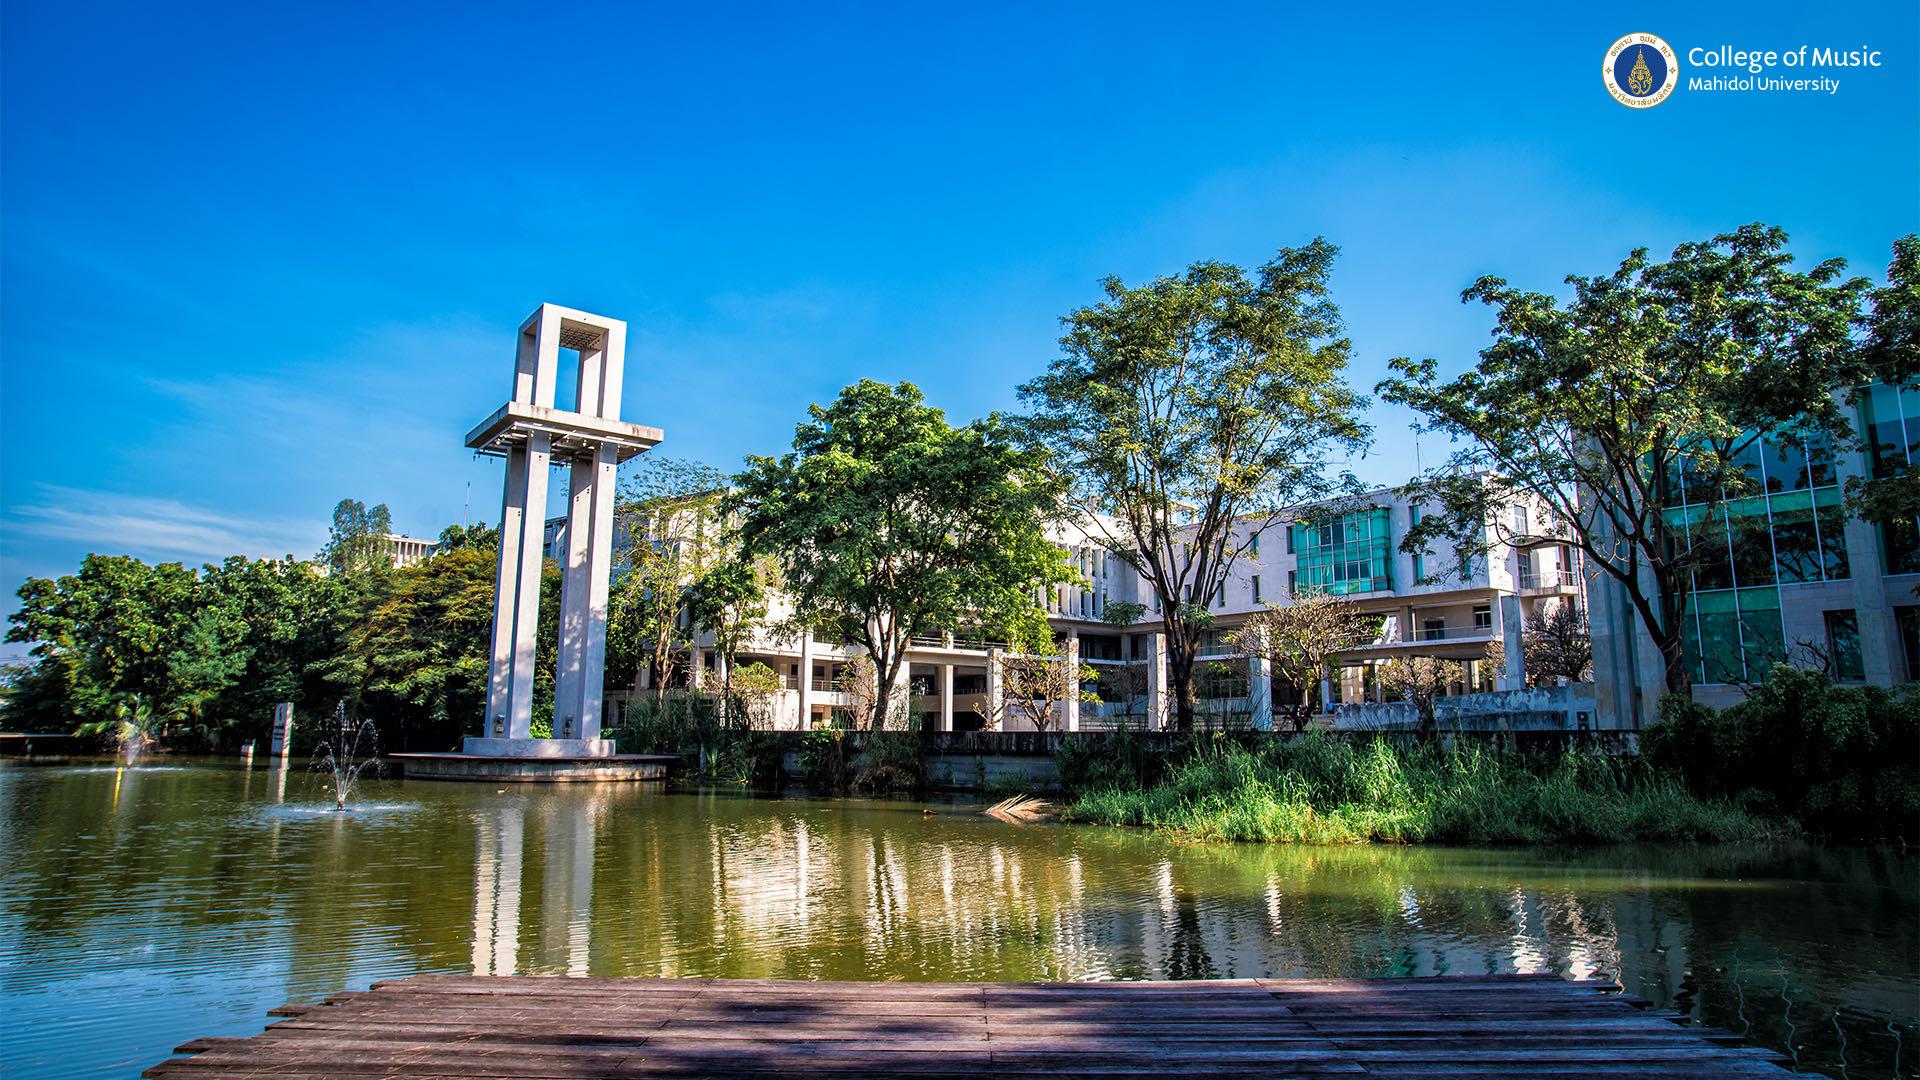 the college of music, Mahidol University